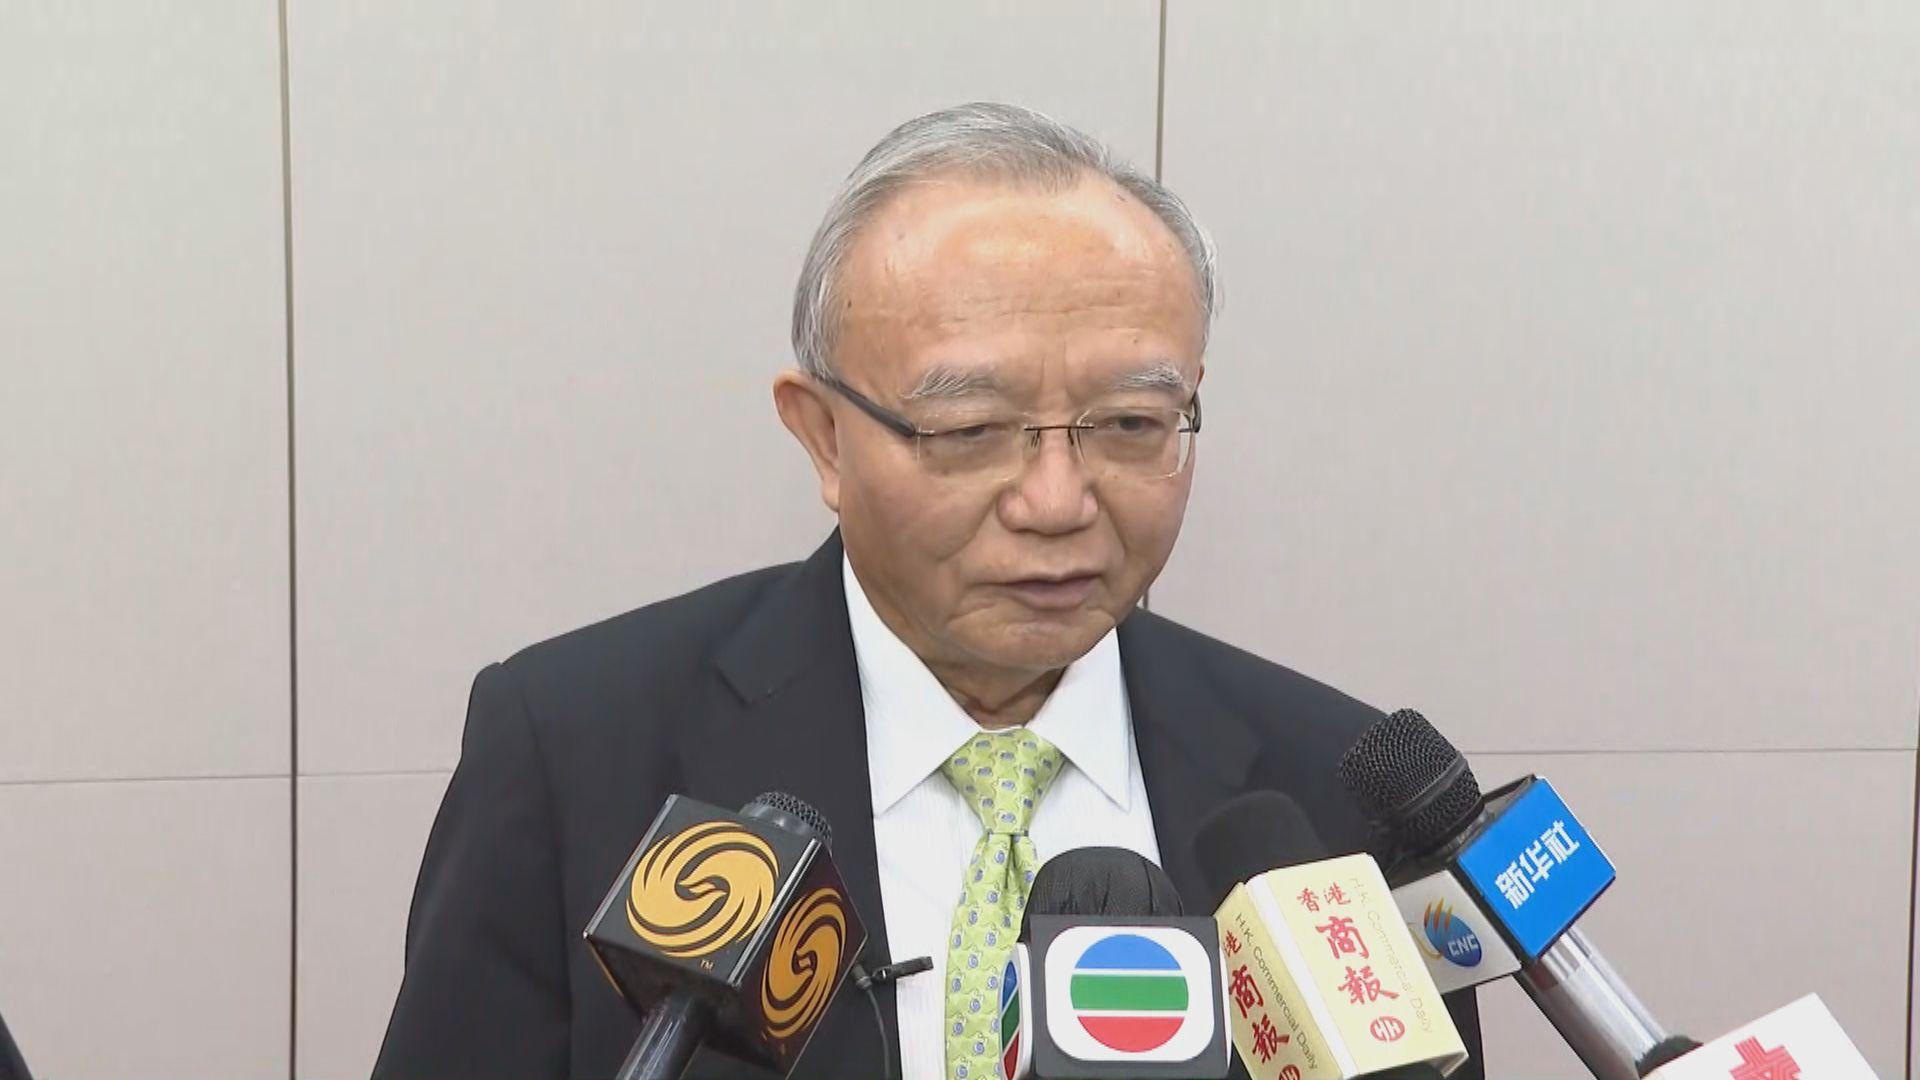 劉兆佳:應設立制度審查立法會、區議會候選人 確保是愛國者